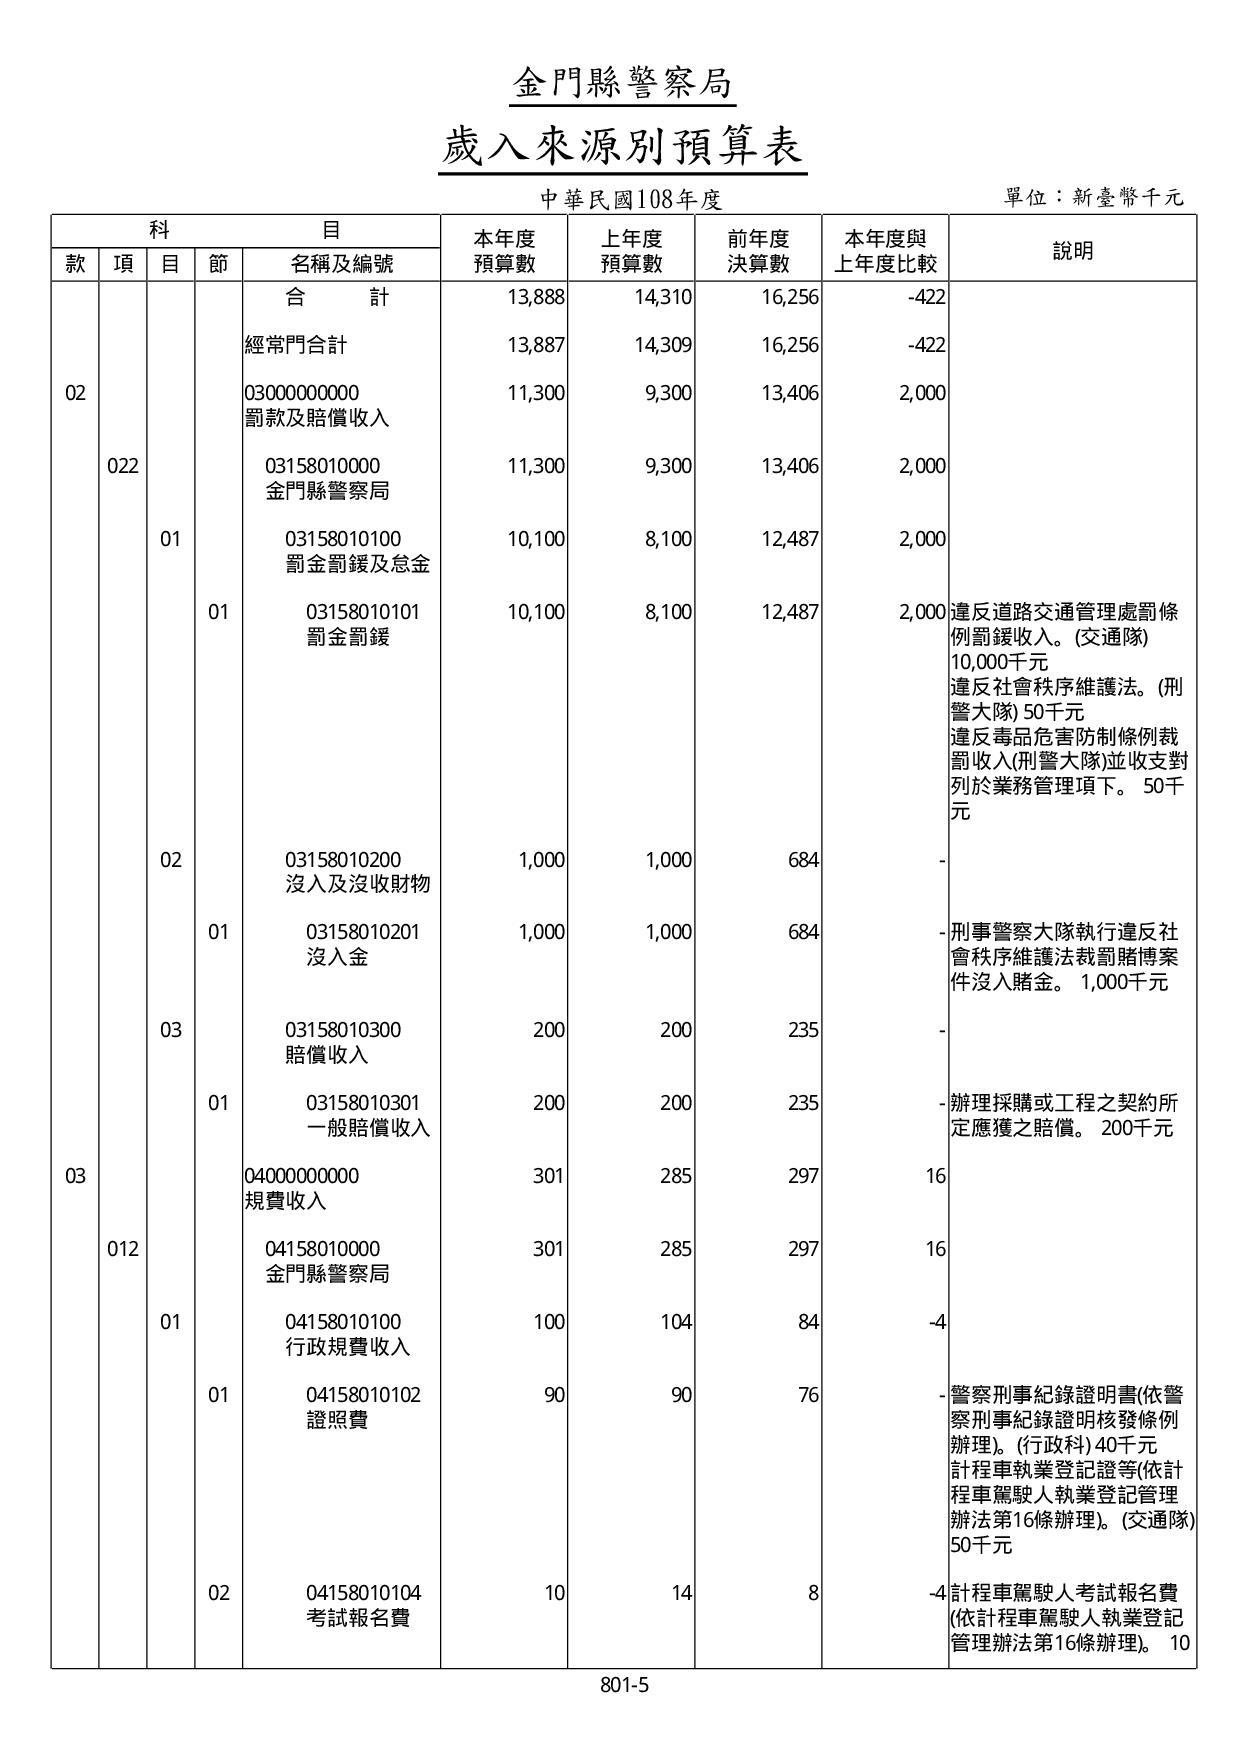 108年度歲入來源別預算表